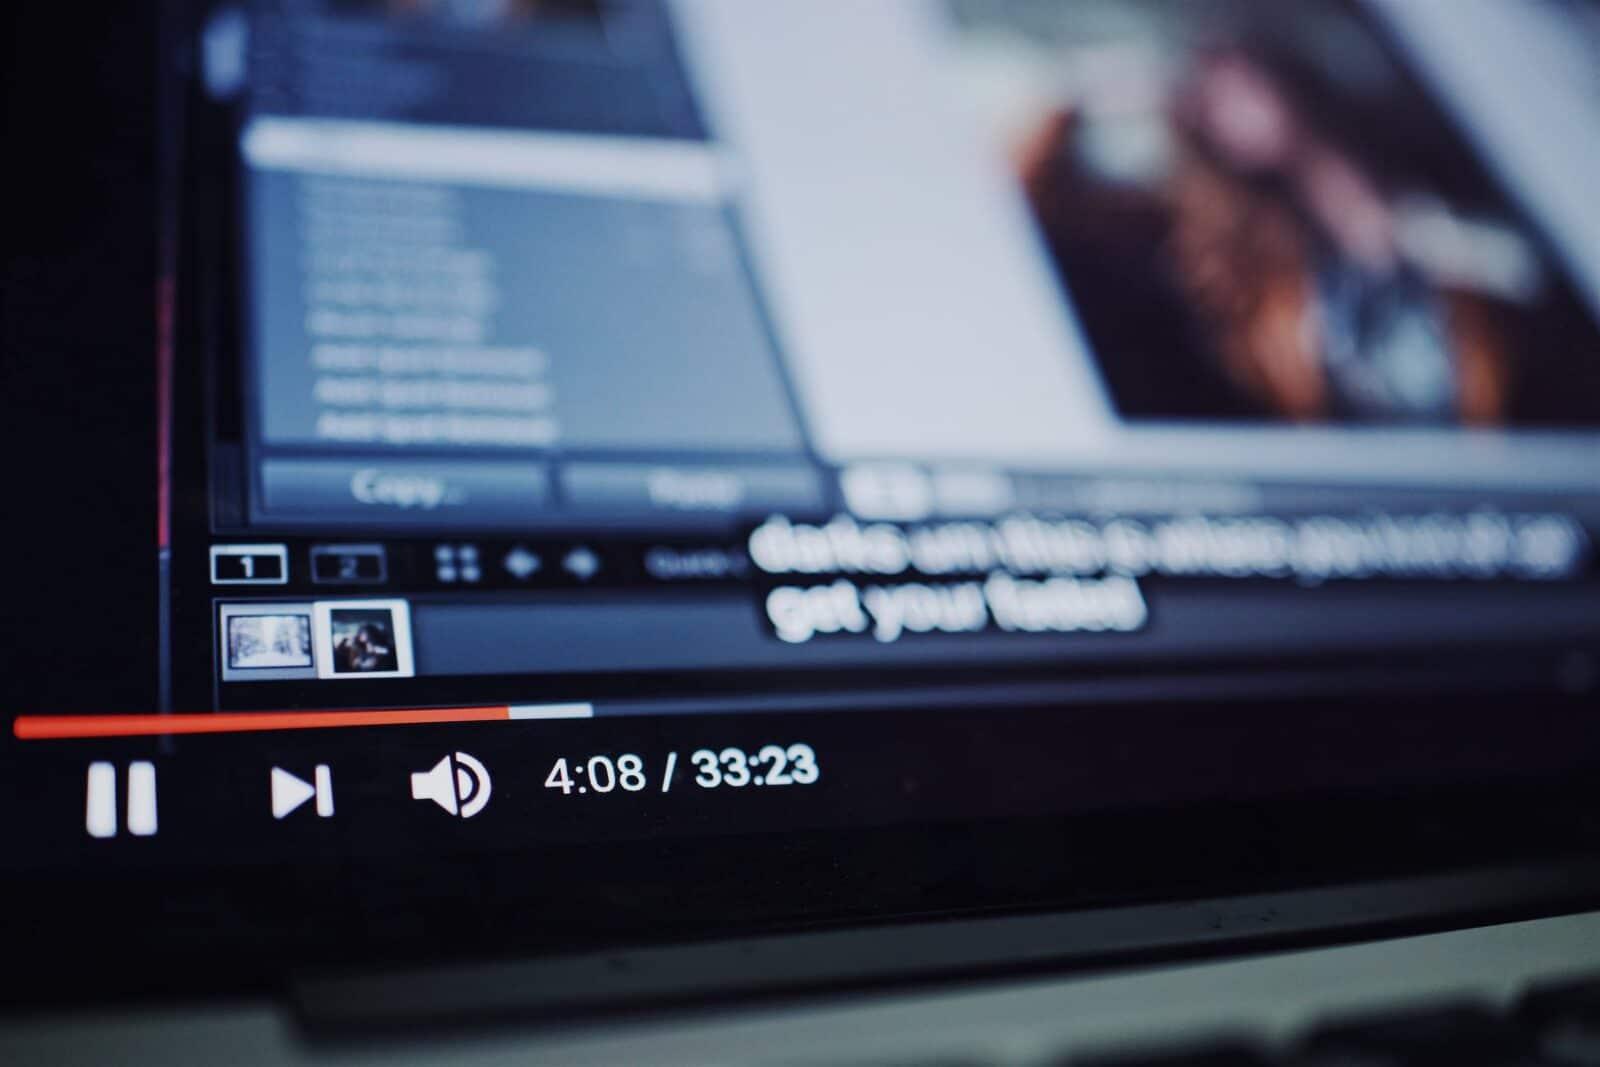 Youtuber อ้าง โดนลบบัญชีเนื่องจากโปรโมต Twitch ในวิดีโอของตัวเอง